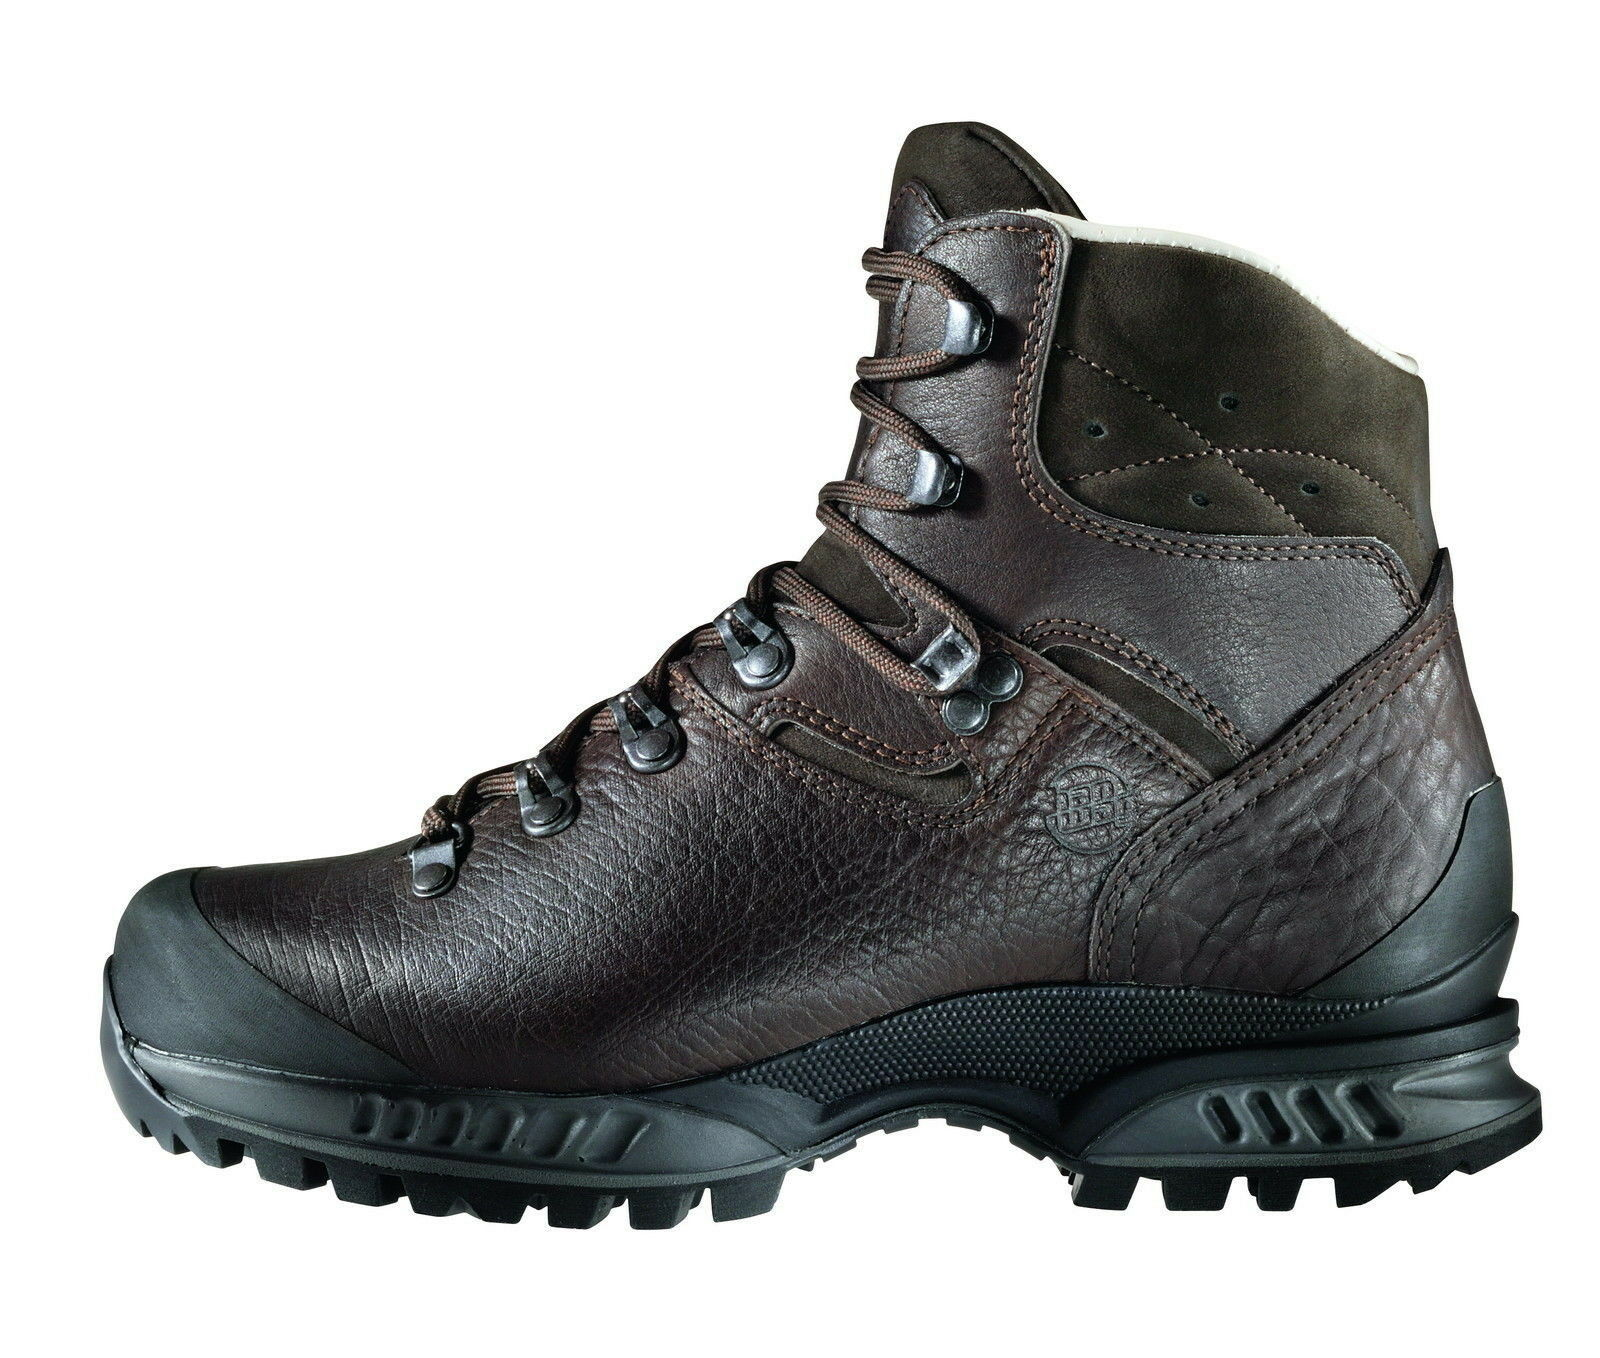 HANWAG HANWAG HANWAG Trekking Yak Schuhe Lhasa Größe 9,5 (44) marone 12ddc4